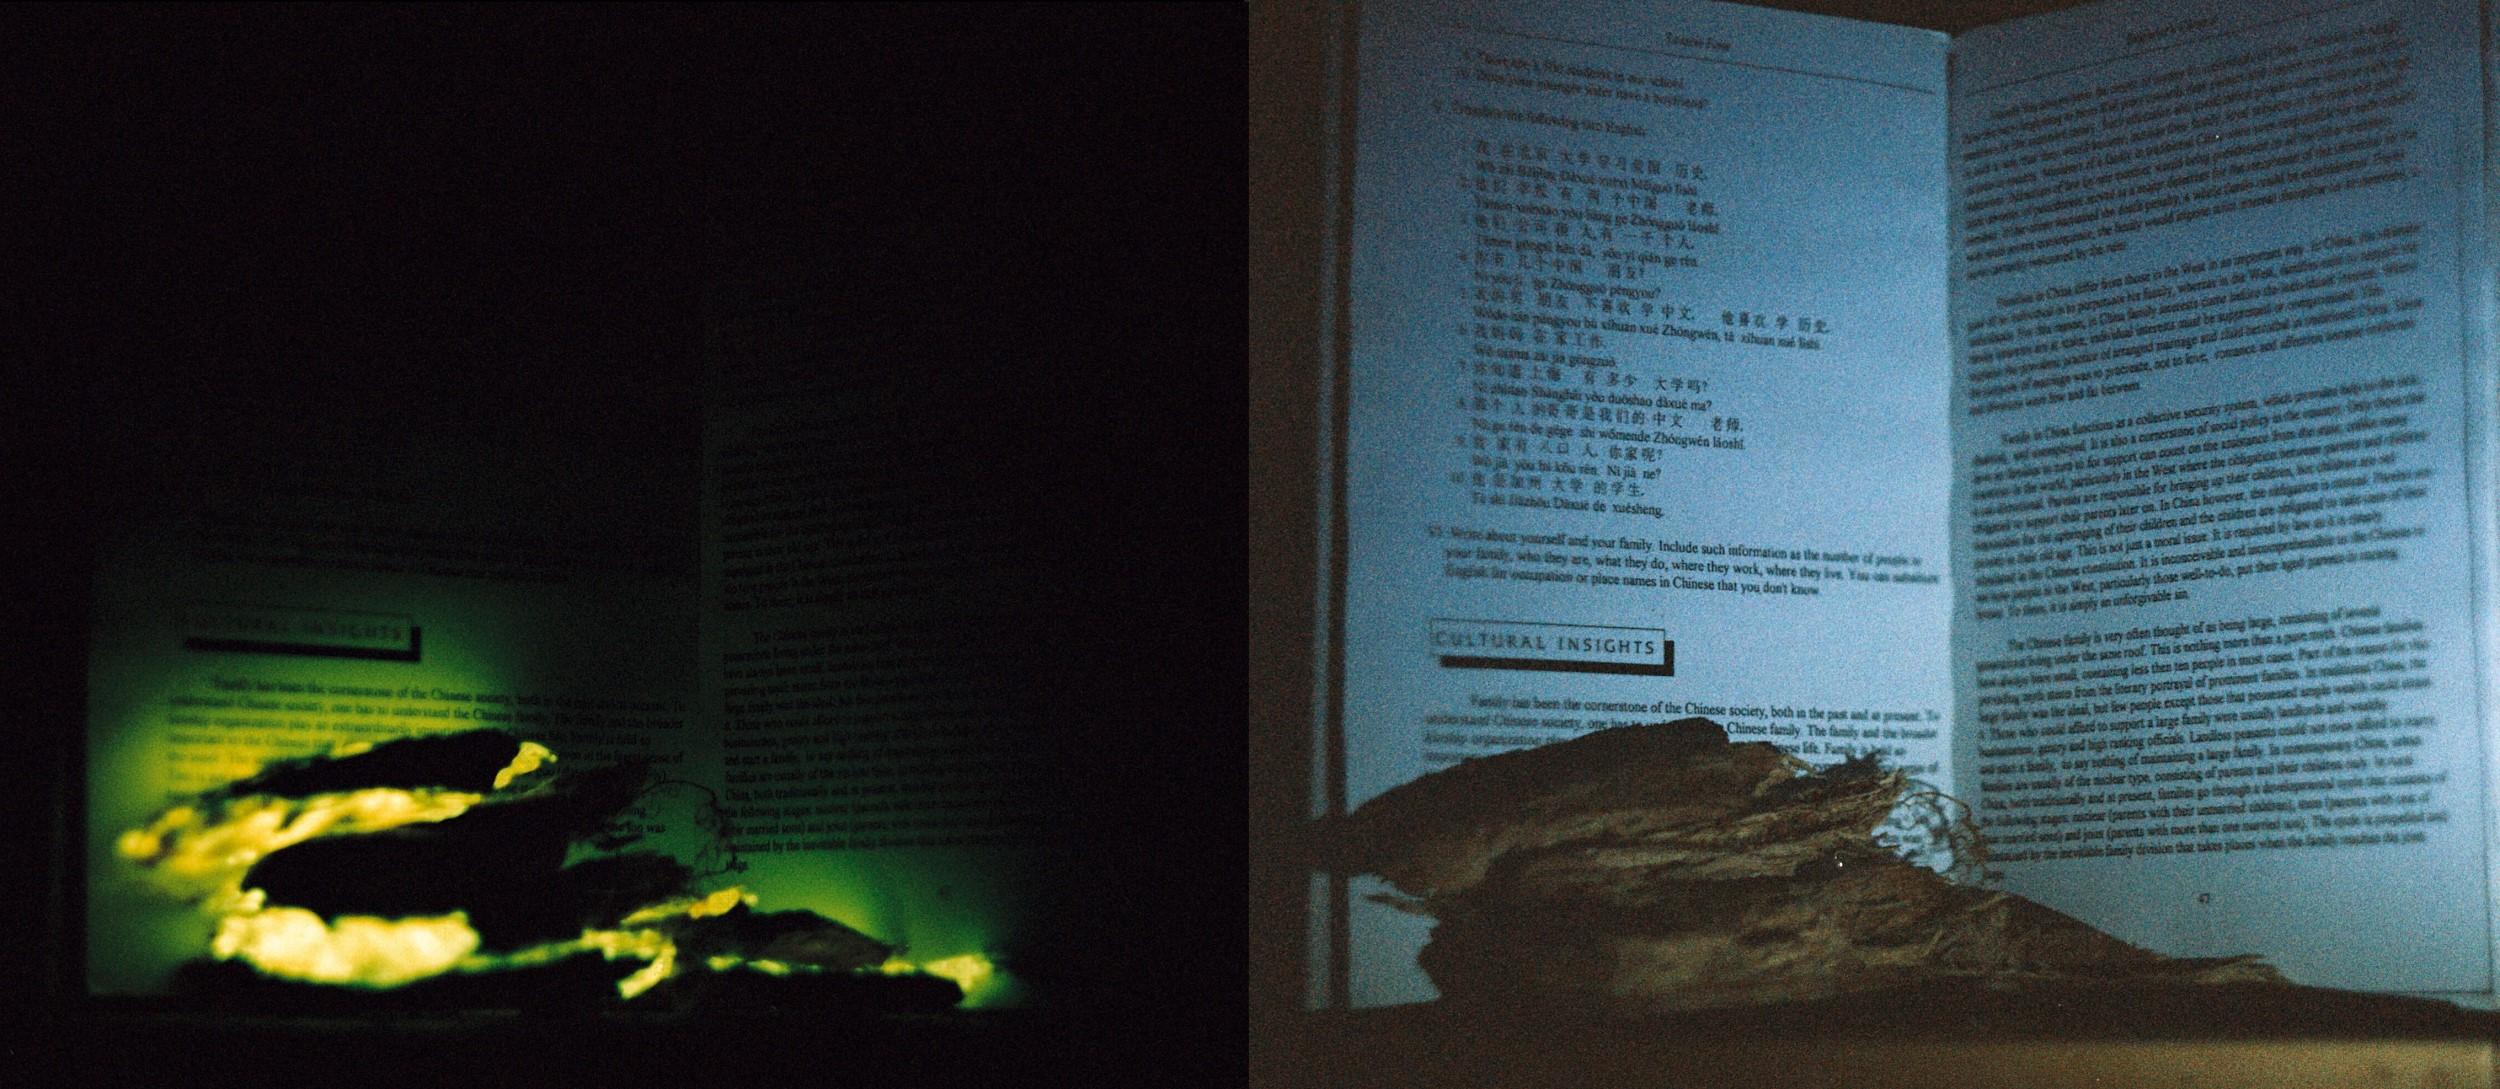 Fotod: Raamatu ette asetatud helendavad kõdupuidu tükid - nende valgusest jääb lugemiseks ikkagi natuke väheks, kuid mõne suurema sõna loeb ehk ära. Valgustatuna taskulambiga (paremal) ja pimedas (vasakul) - säriaeg ~3h.